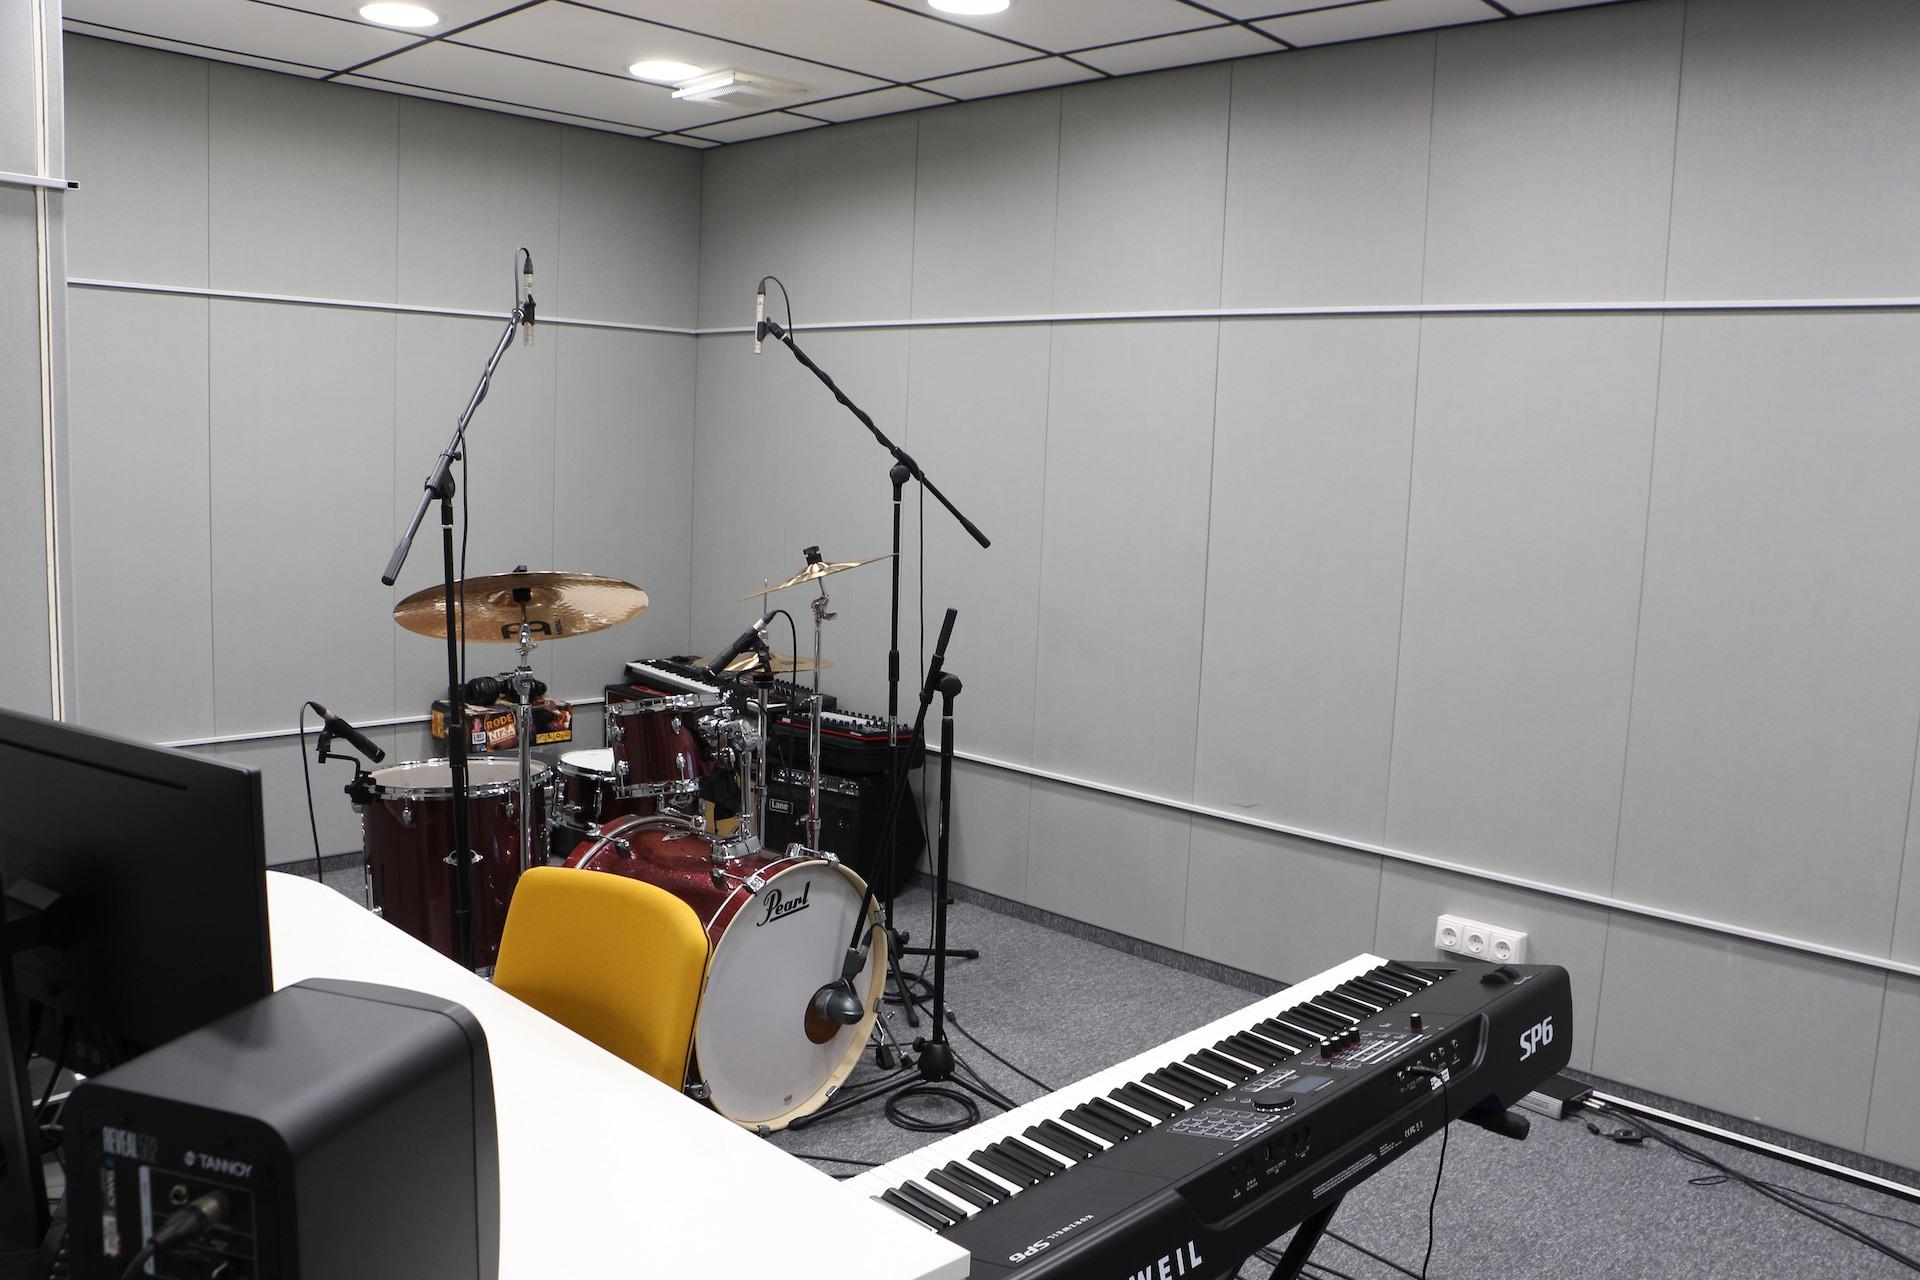 Įrašų studijoje yra mikrofonai, būgnai, sintezatorius – pagrindiniai dalykai reikalingi ne tik vokalo, bet ir muzikos įrašymui. Be abejo, žmonės gali atsinešti ir savo instrumentus. / Eglės Kuktienės nuotr.